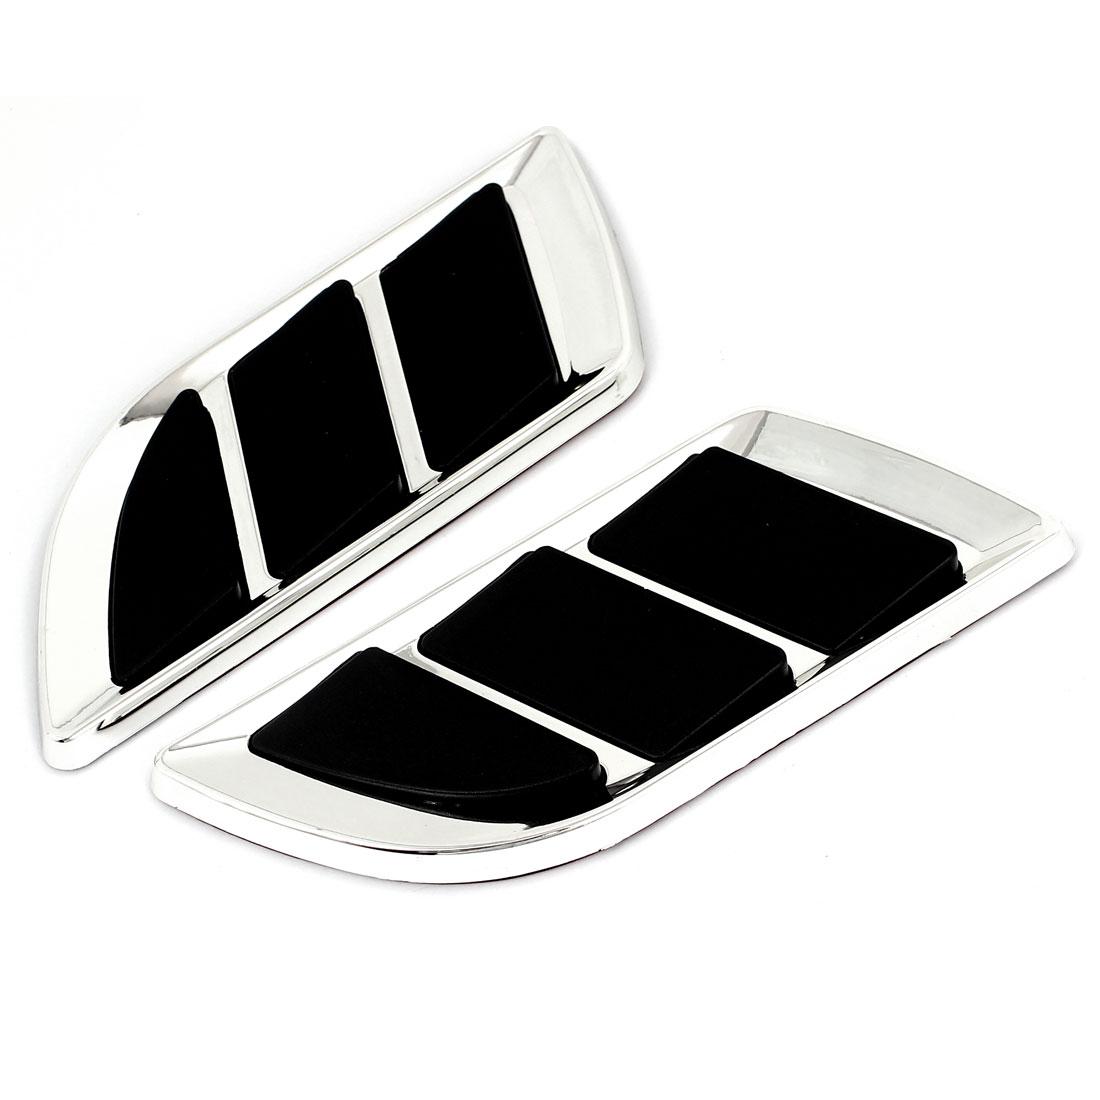 2 Pcs Black Silver Tone Plastic Air Flow Fender Sticker Decoration for Car Auto